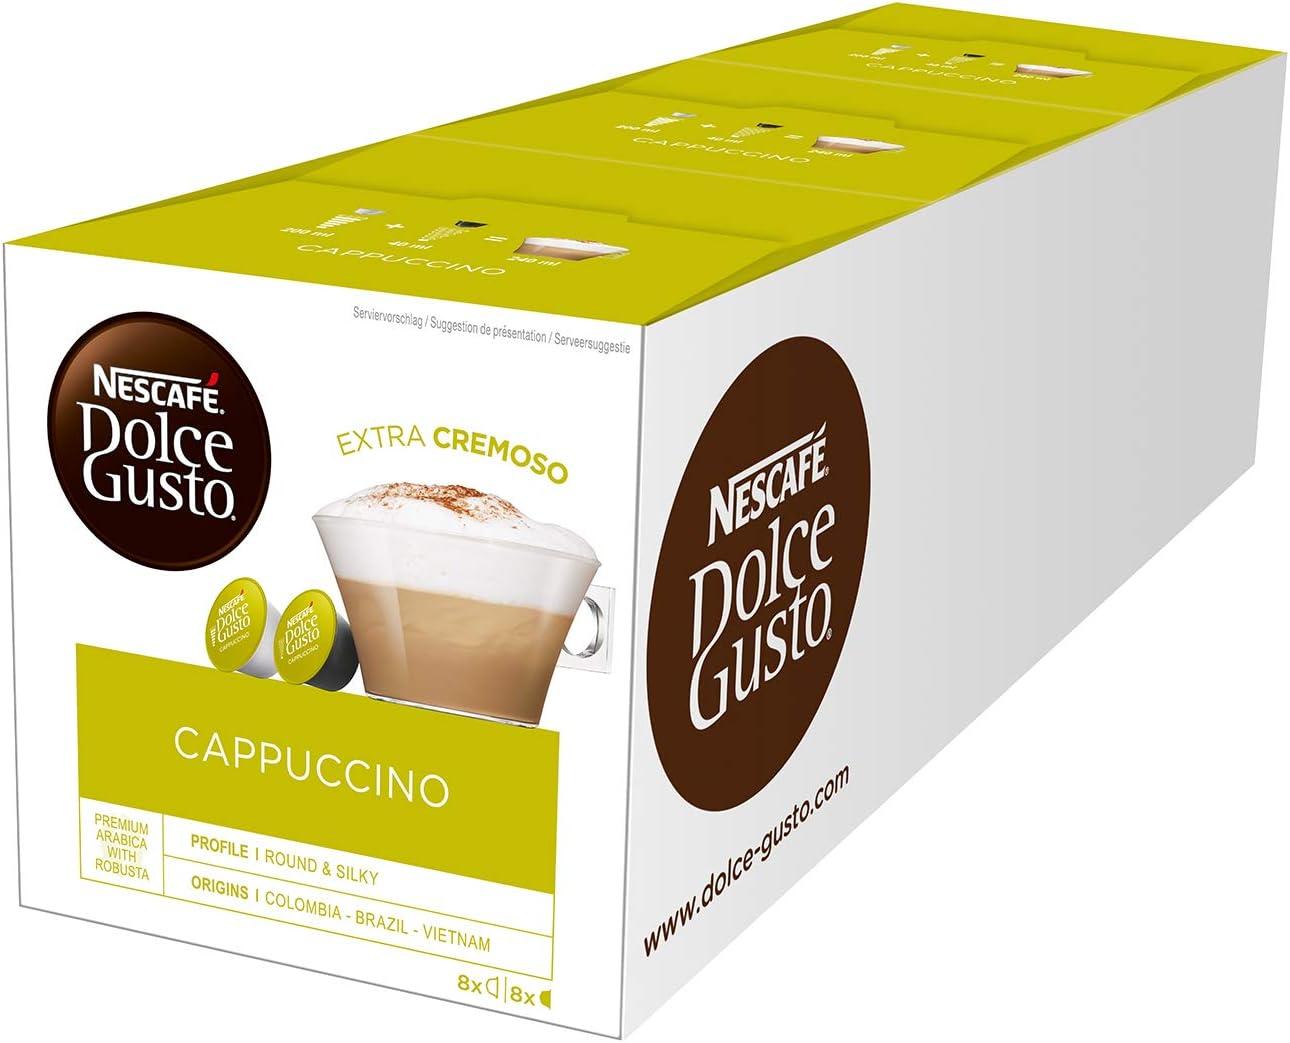 Nescafé Dolce Gusto, Cápsulas de café (Cappuccino) - 3 de 16 ...